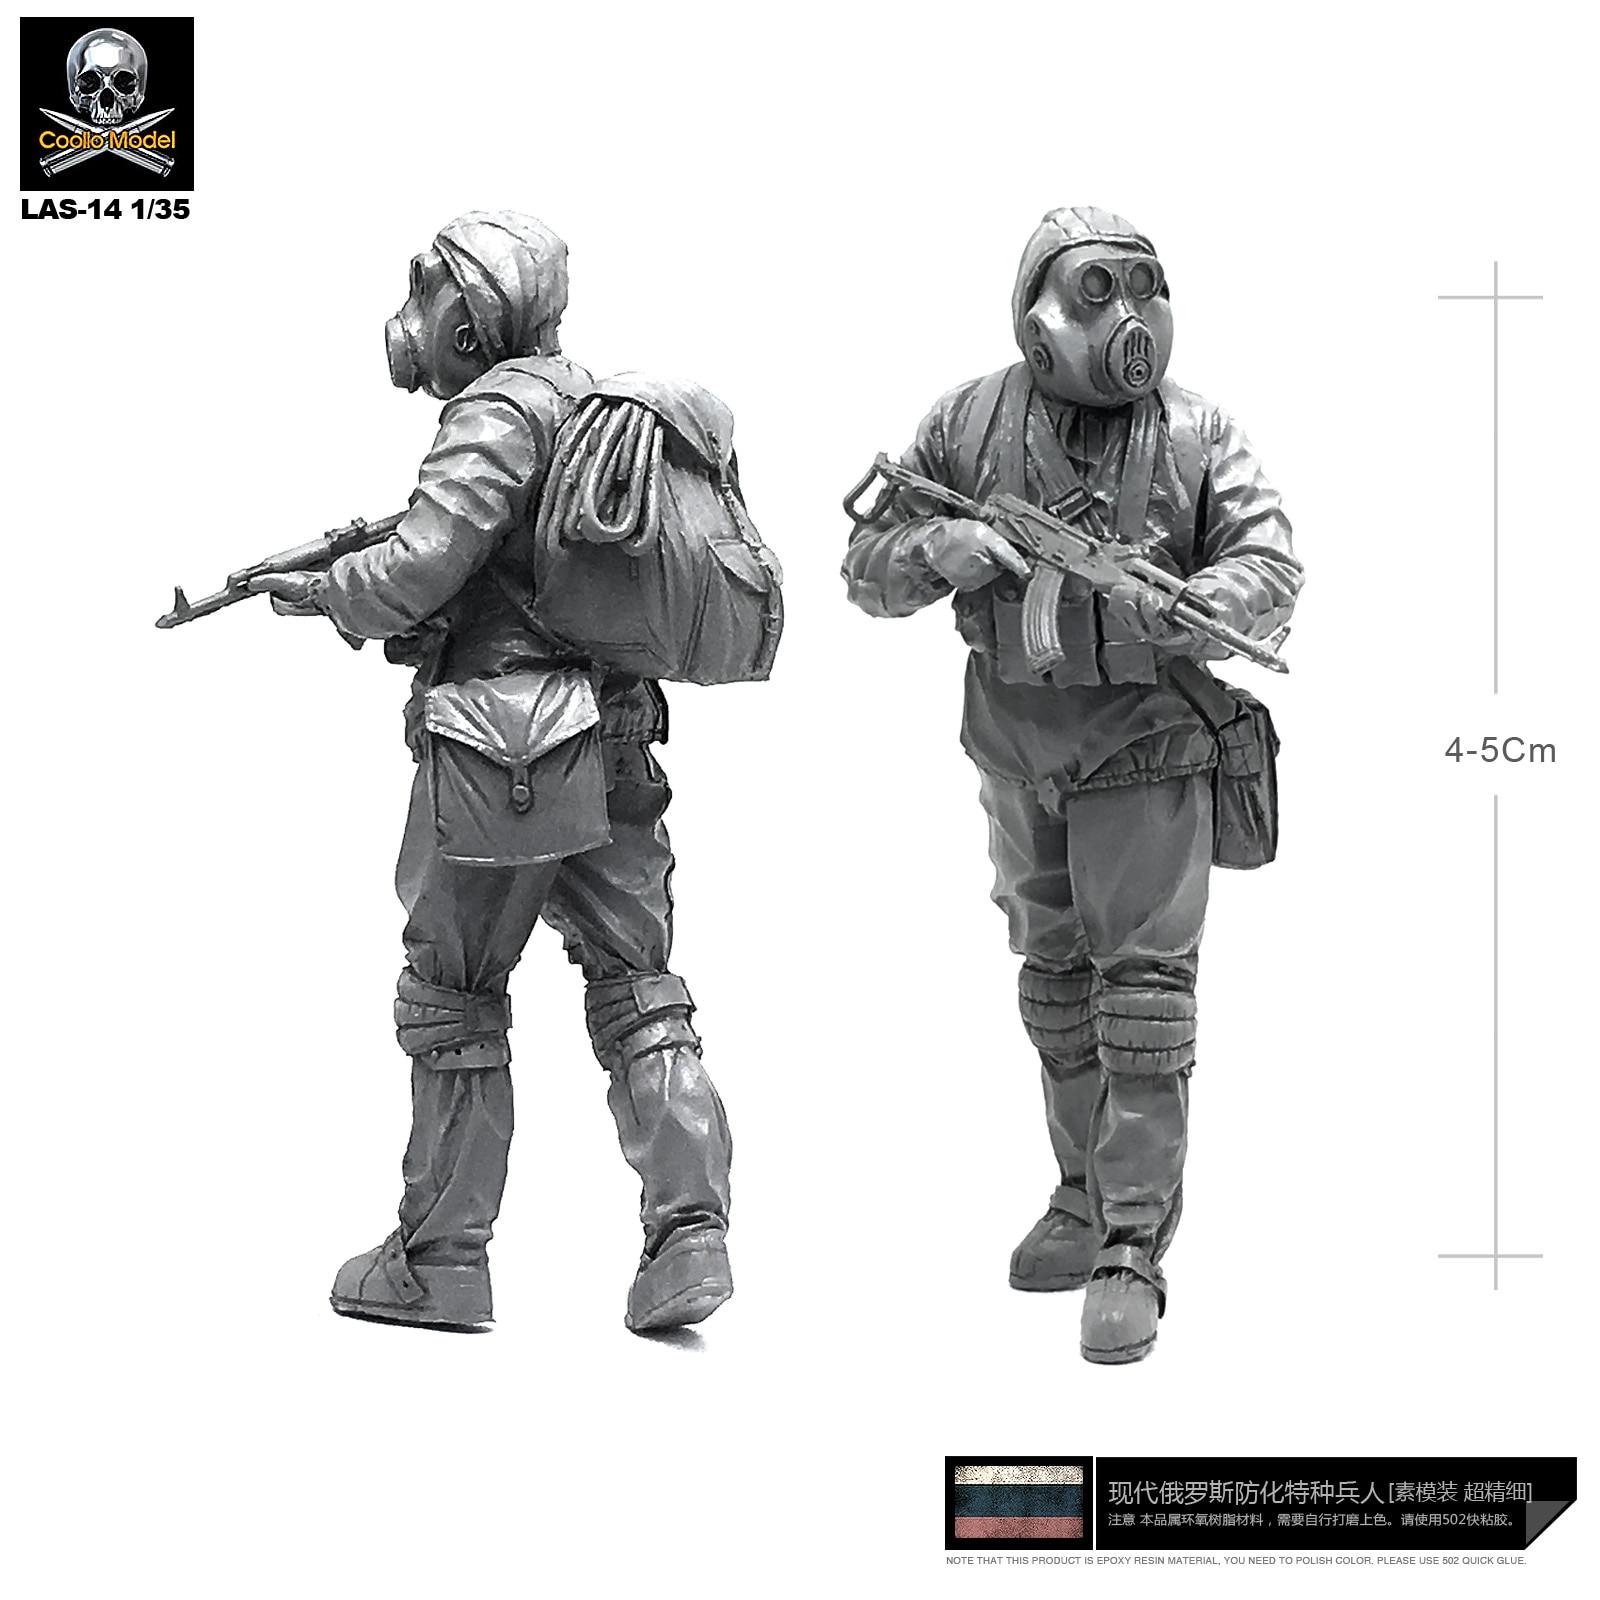 Yufan Model  1/35 Russian Biochemical Force 1 Drag Resin Soldier Las-14